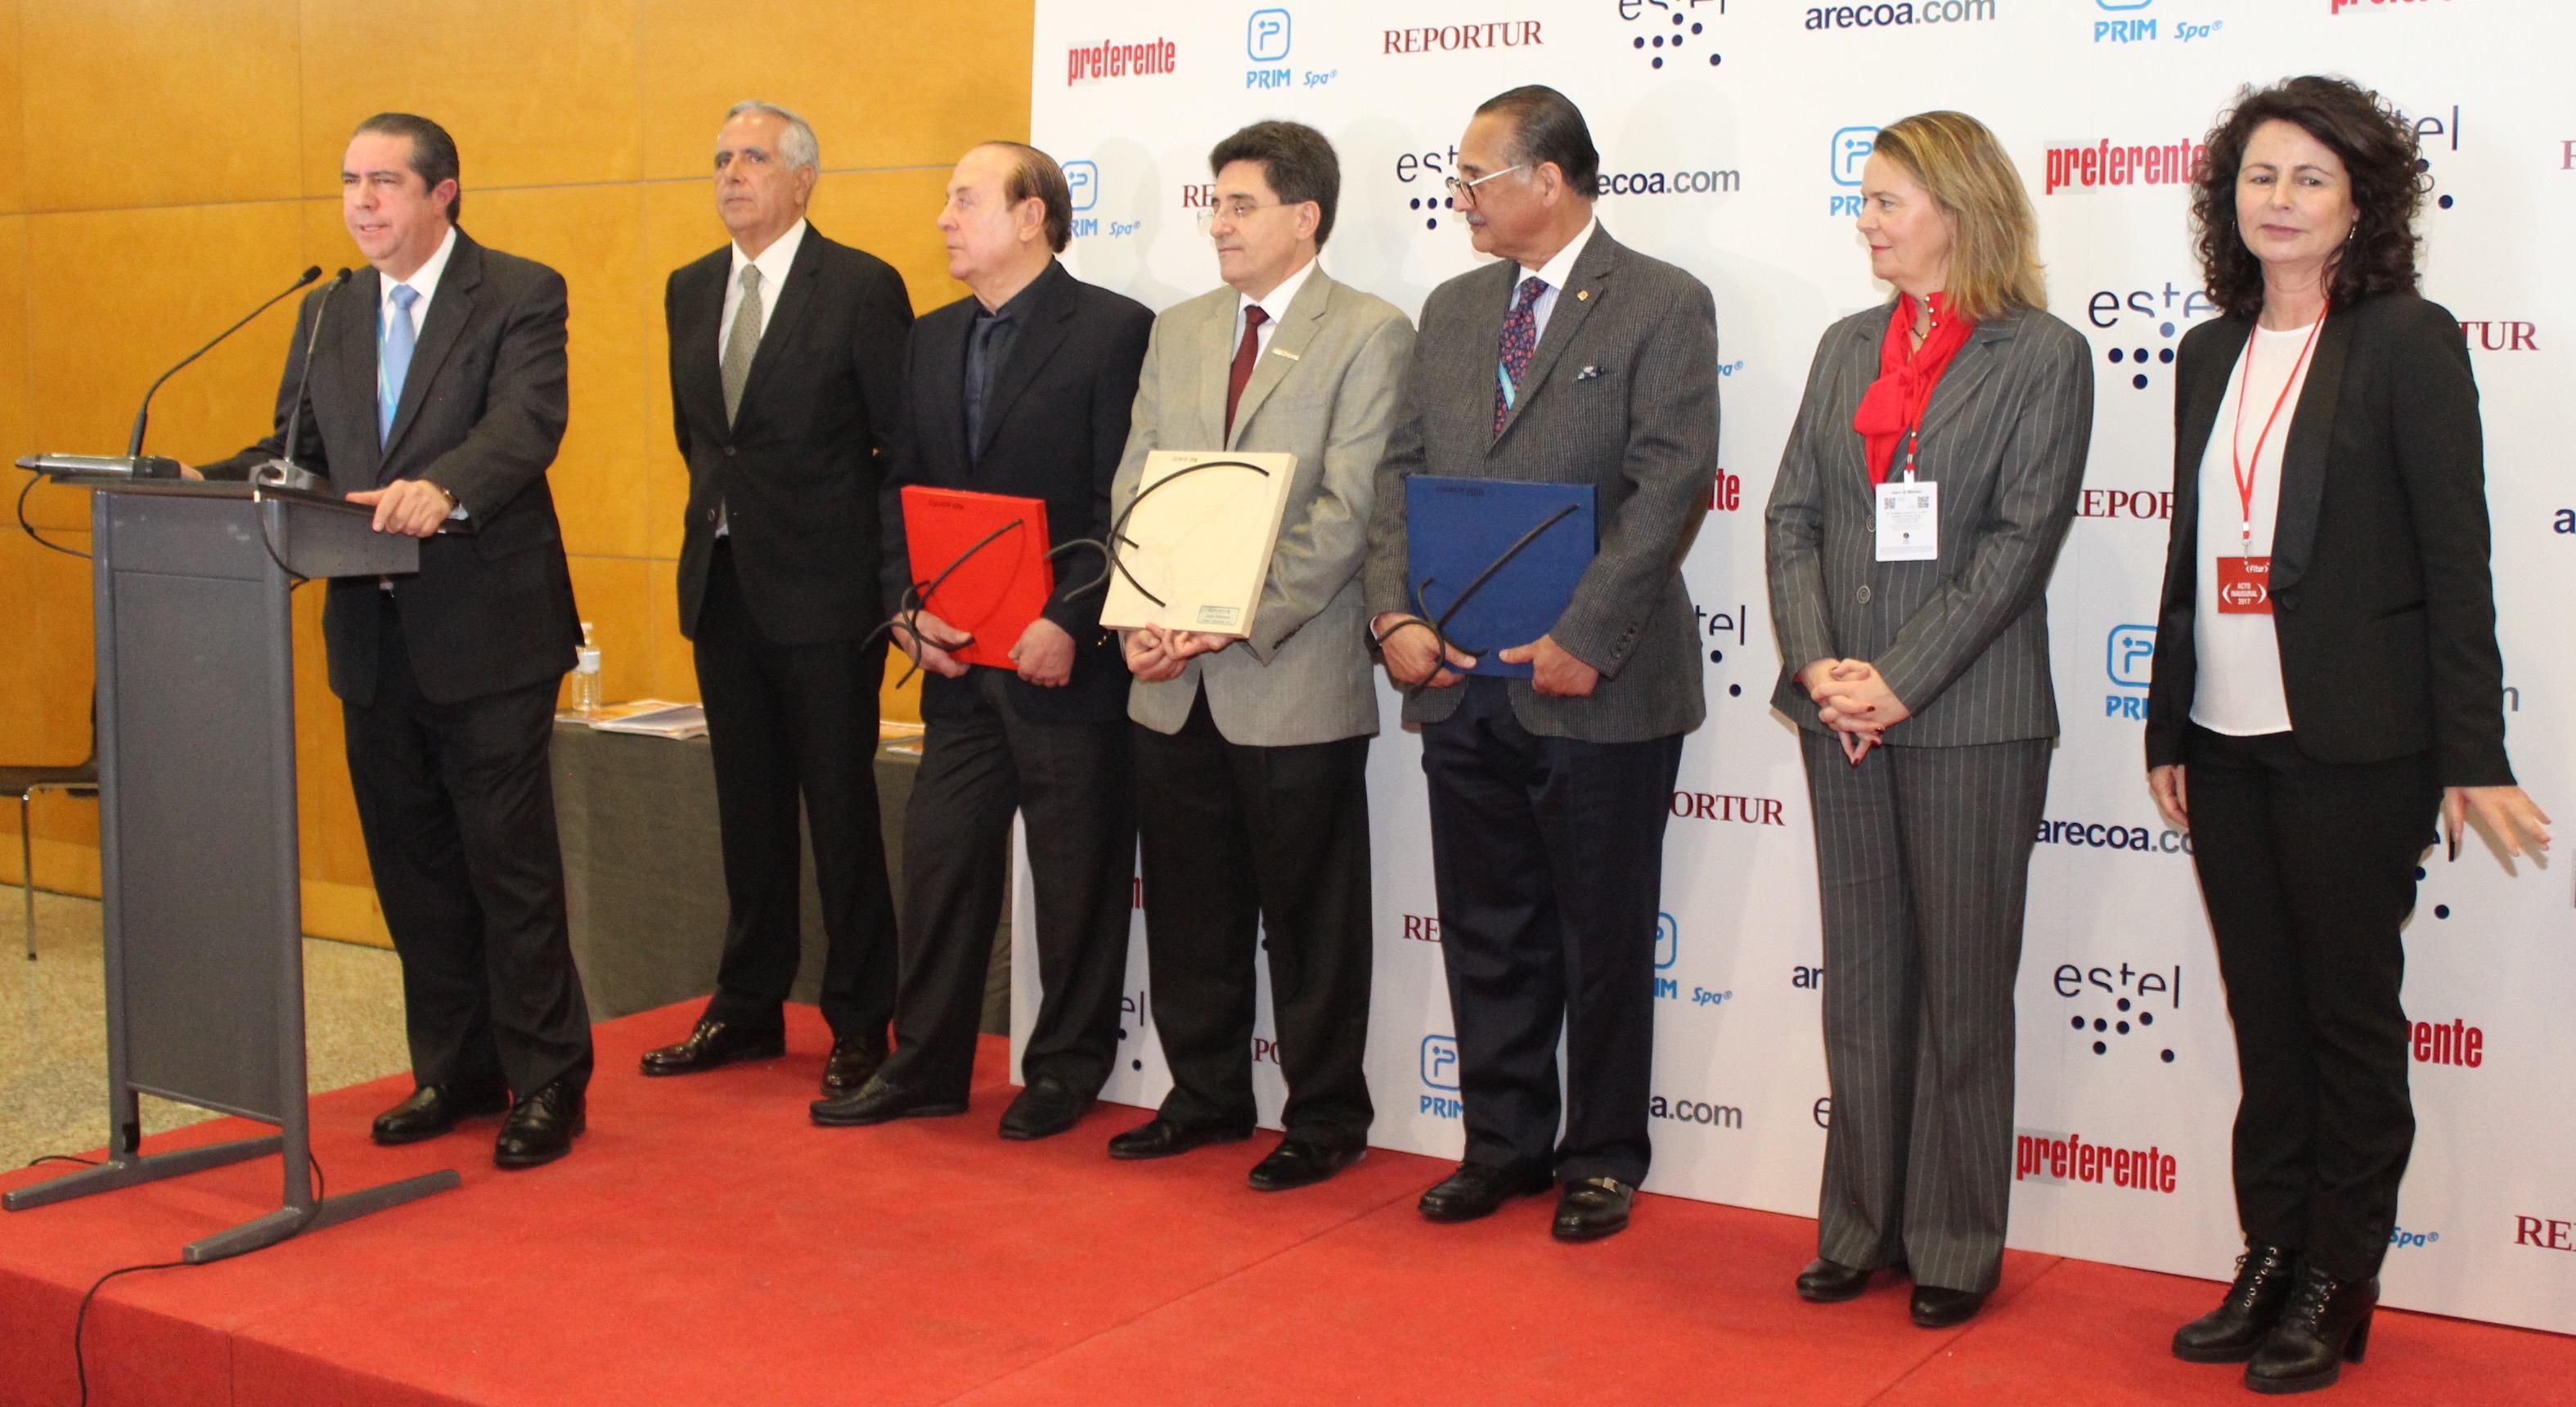 ministro-turismo-premios-preferente-arecoa